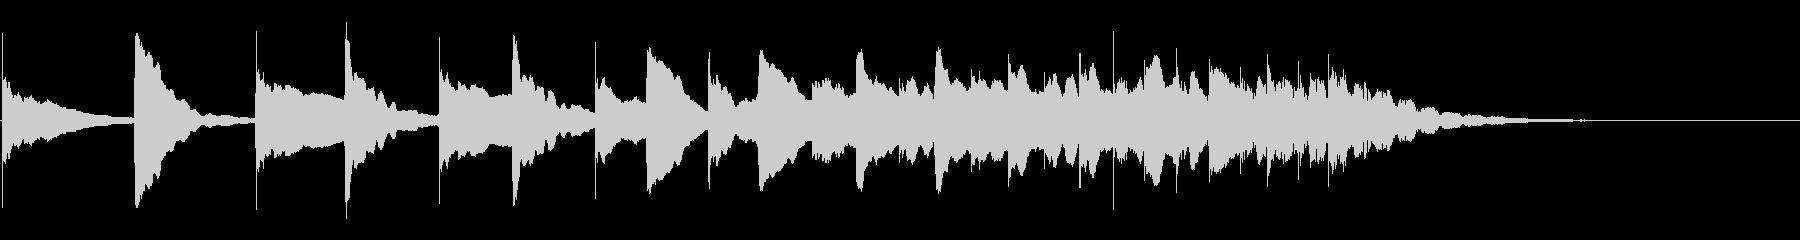 かわいいマリンバのジングル。転がる音。の未再生の波形